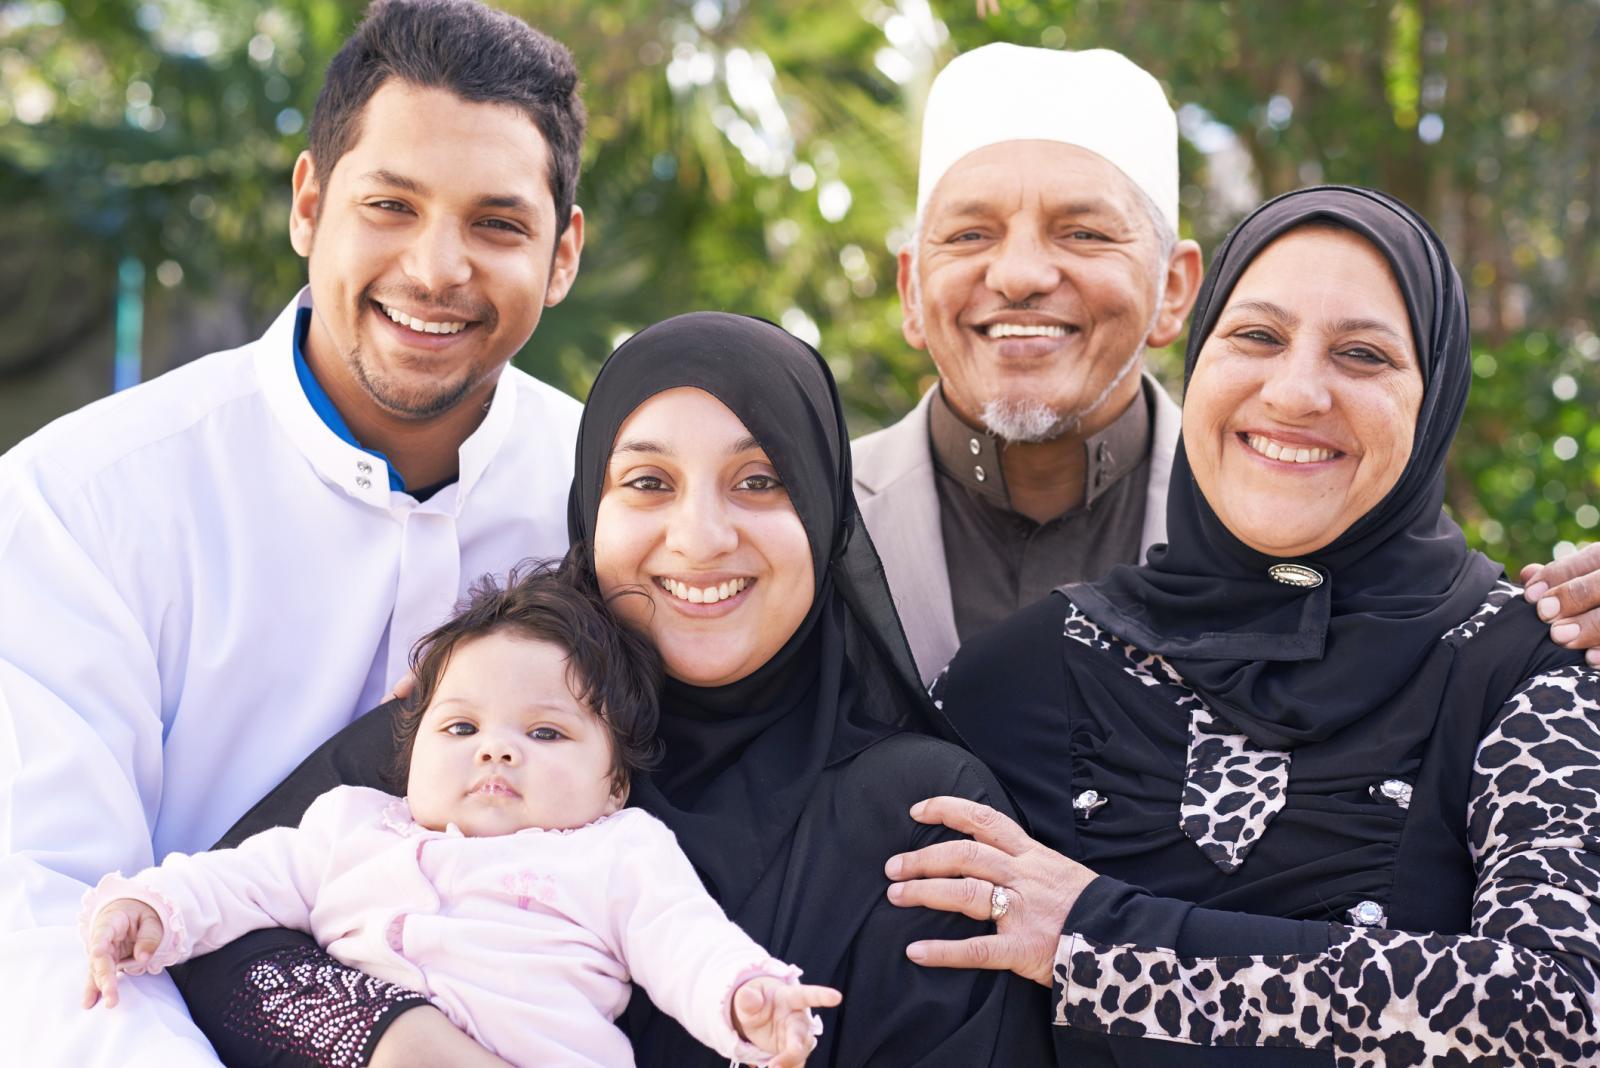 Arab Culture Values